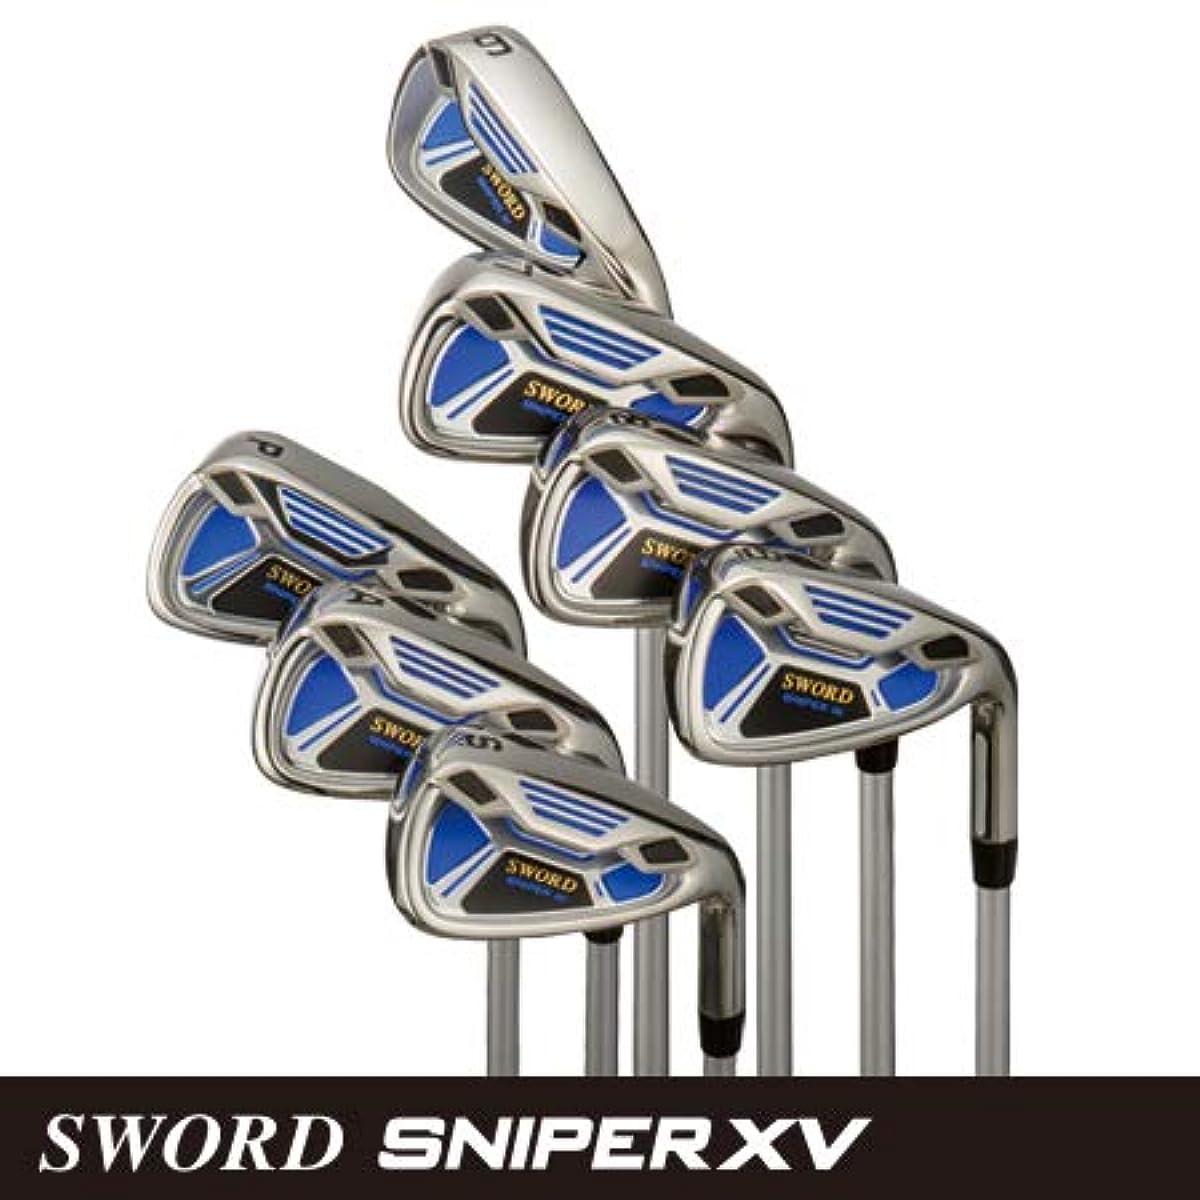 [해외] 카퍼터나 골프(KATANA GOLF) SWORD SNIPER XV IRON(#6,#7,#8,#9,PW,AW,SW)아이언7개 세트